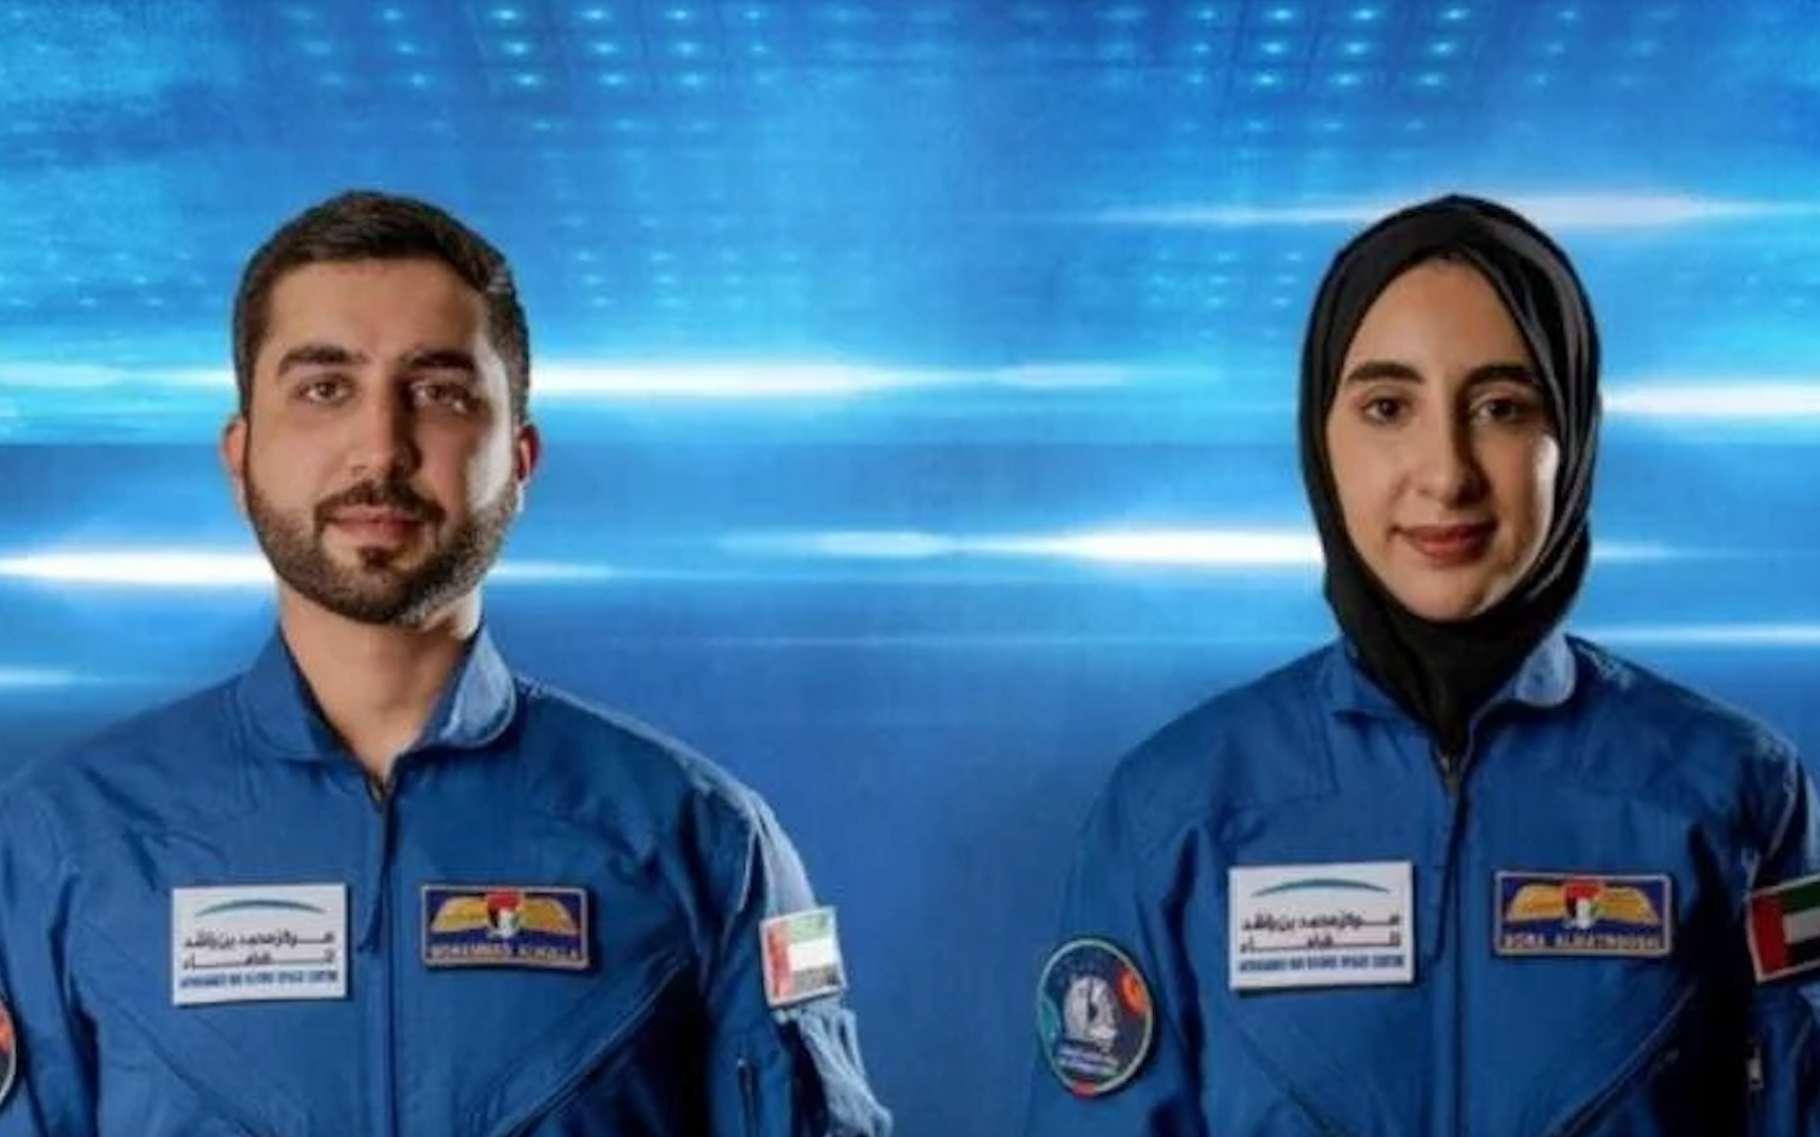 « Fais ce qui te rend heureuse. » Le mantra de Nora Al Matrooshi, celle qui s'apprête à devenir la première femme astronaute arabe, sonne aujourd'hui comme un conseil donné à toutes les jeunes filles du monde. © Centre spatial Mohammed Bin Rashid